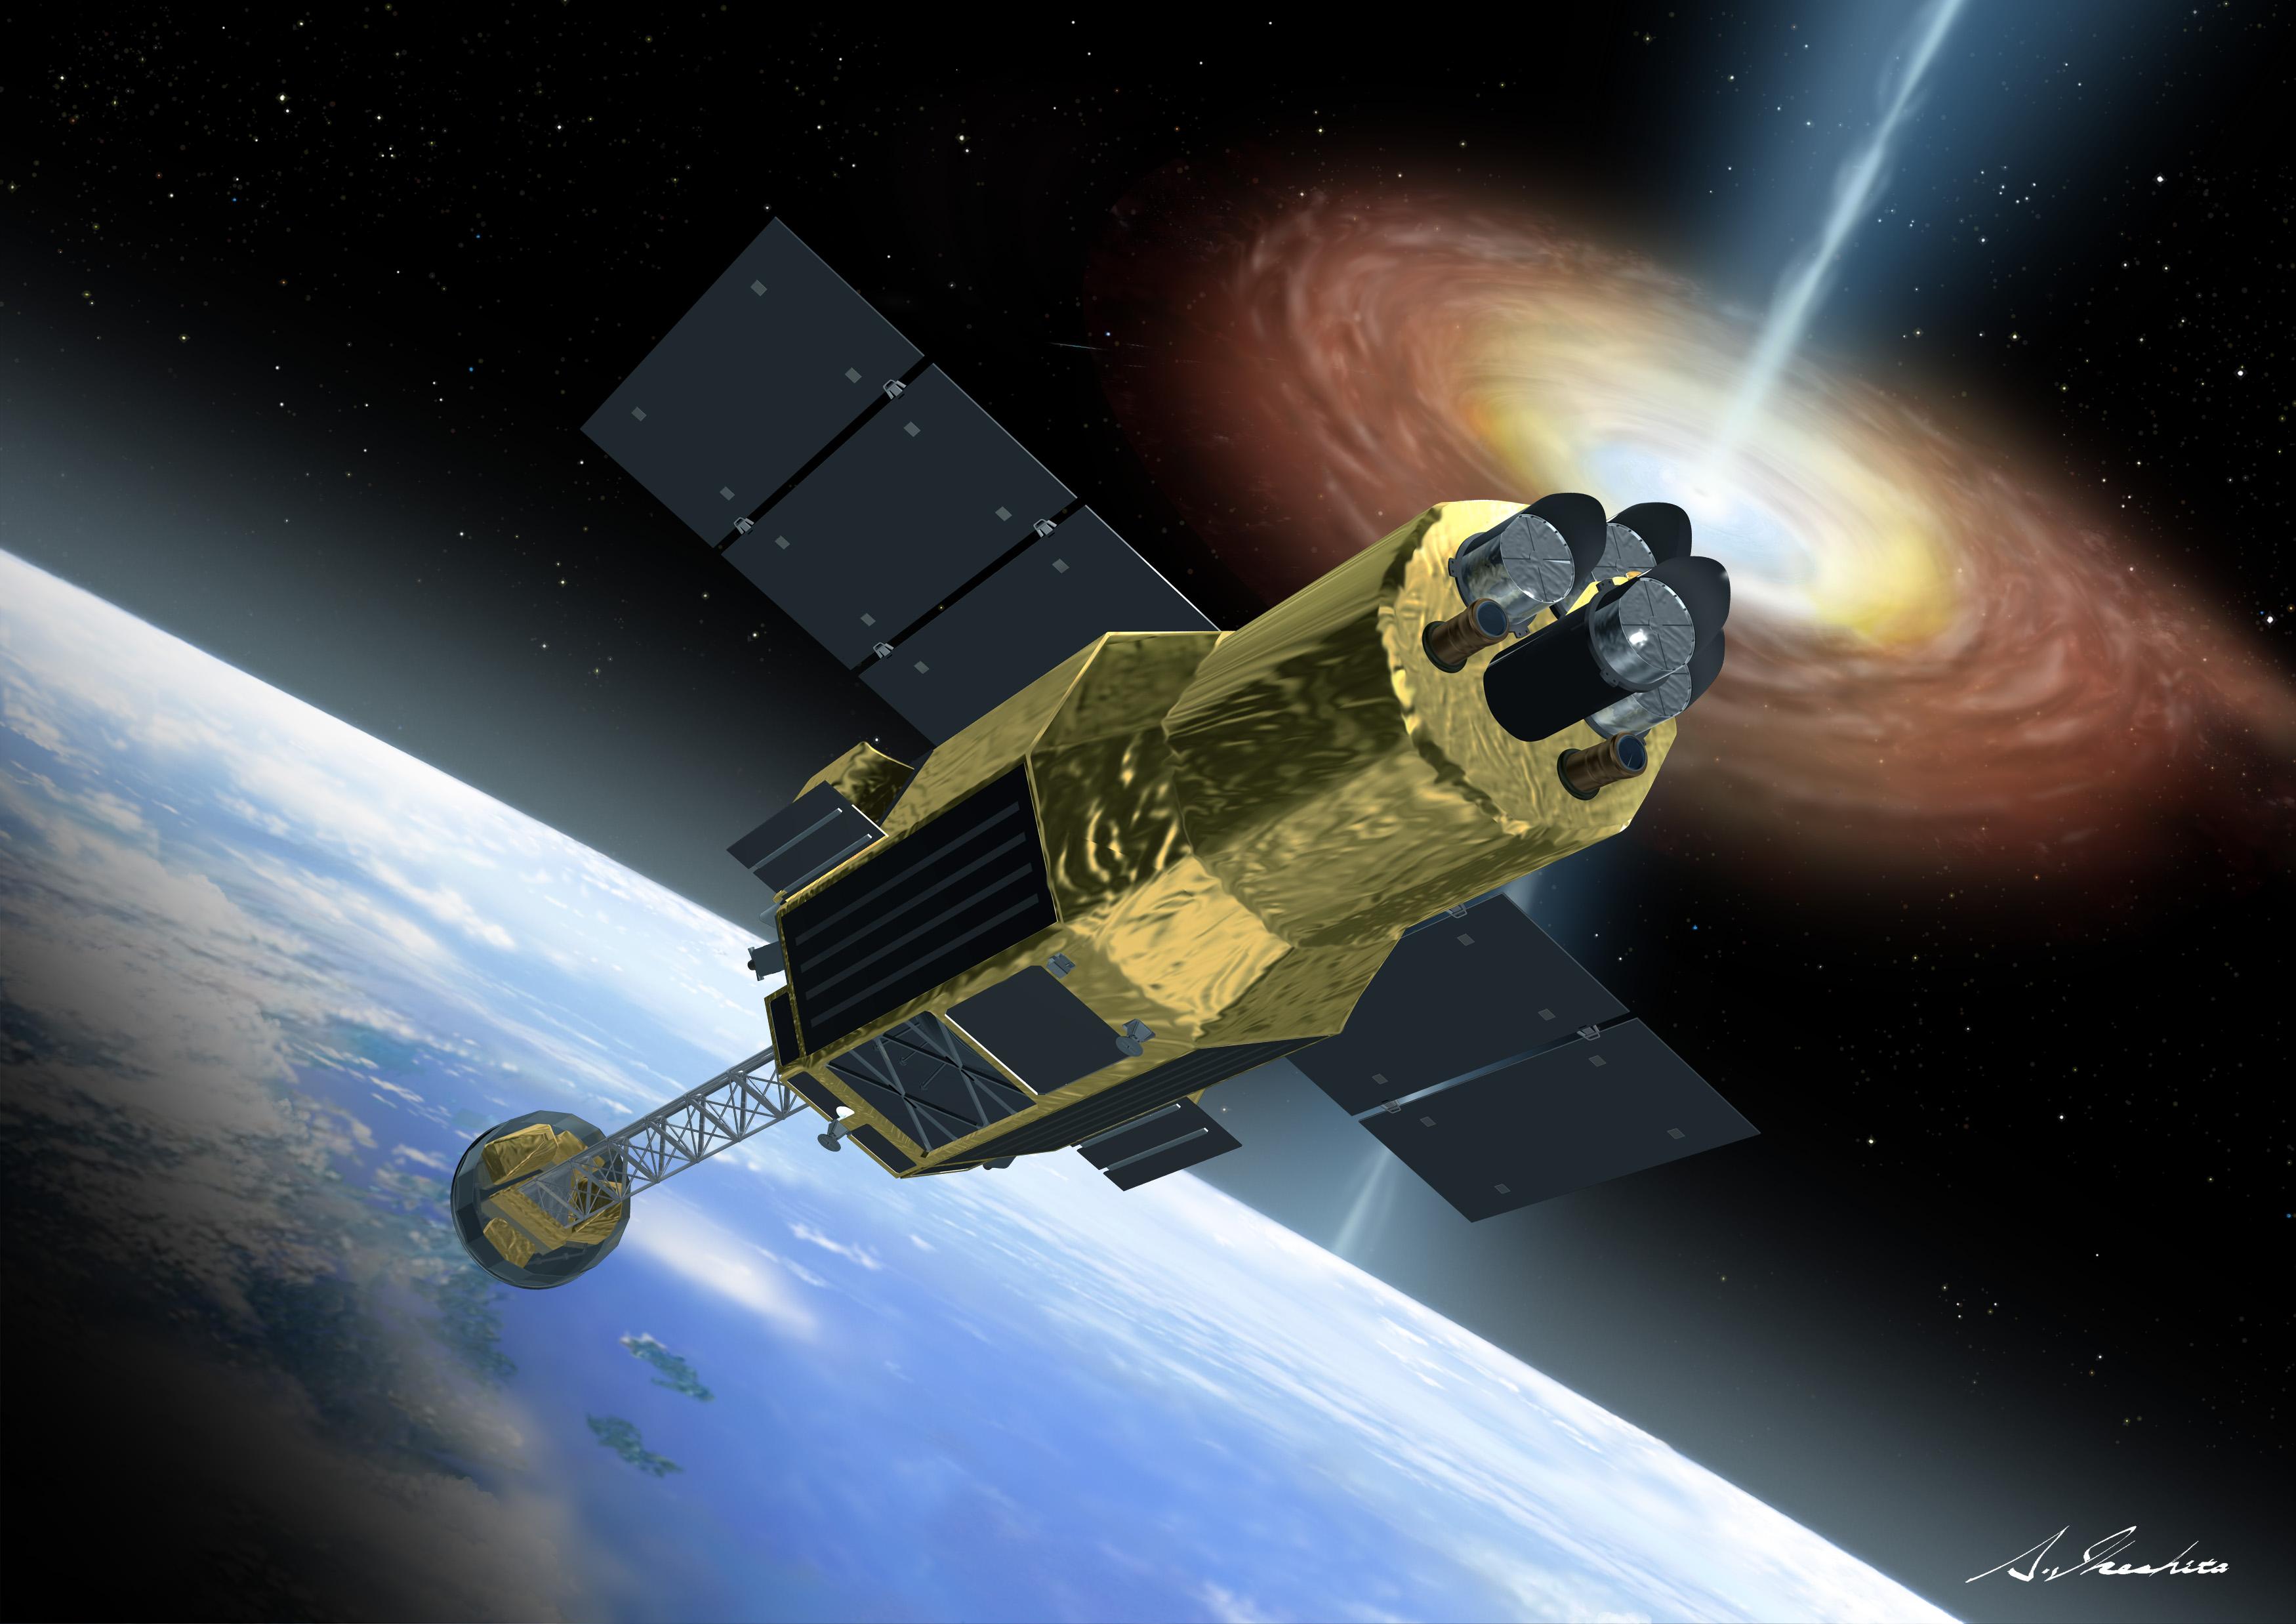 Astro-h telescope